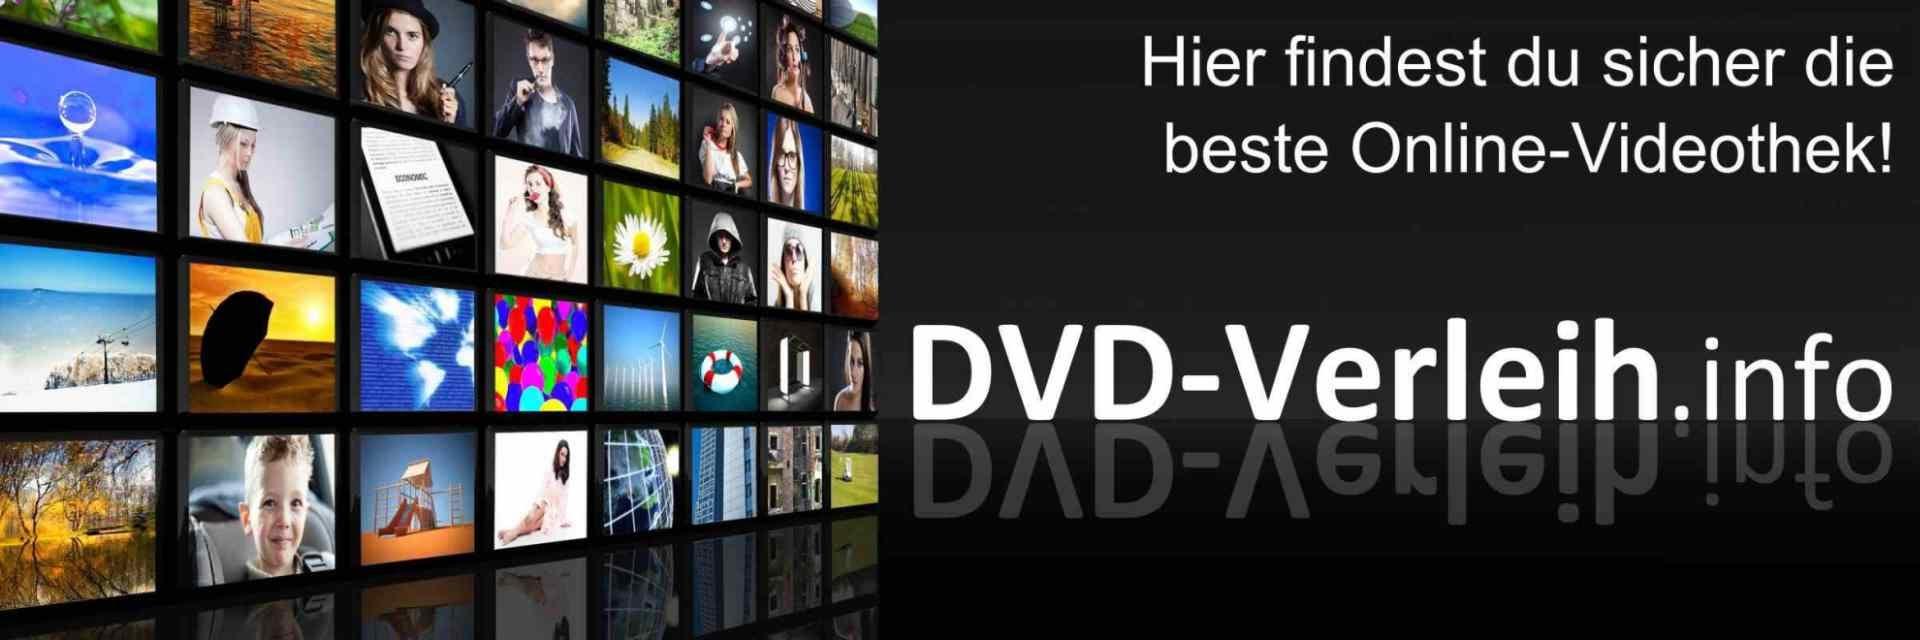 Die beste Onlinevideothek mit dvd-verleih.info finden!